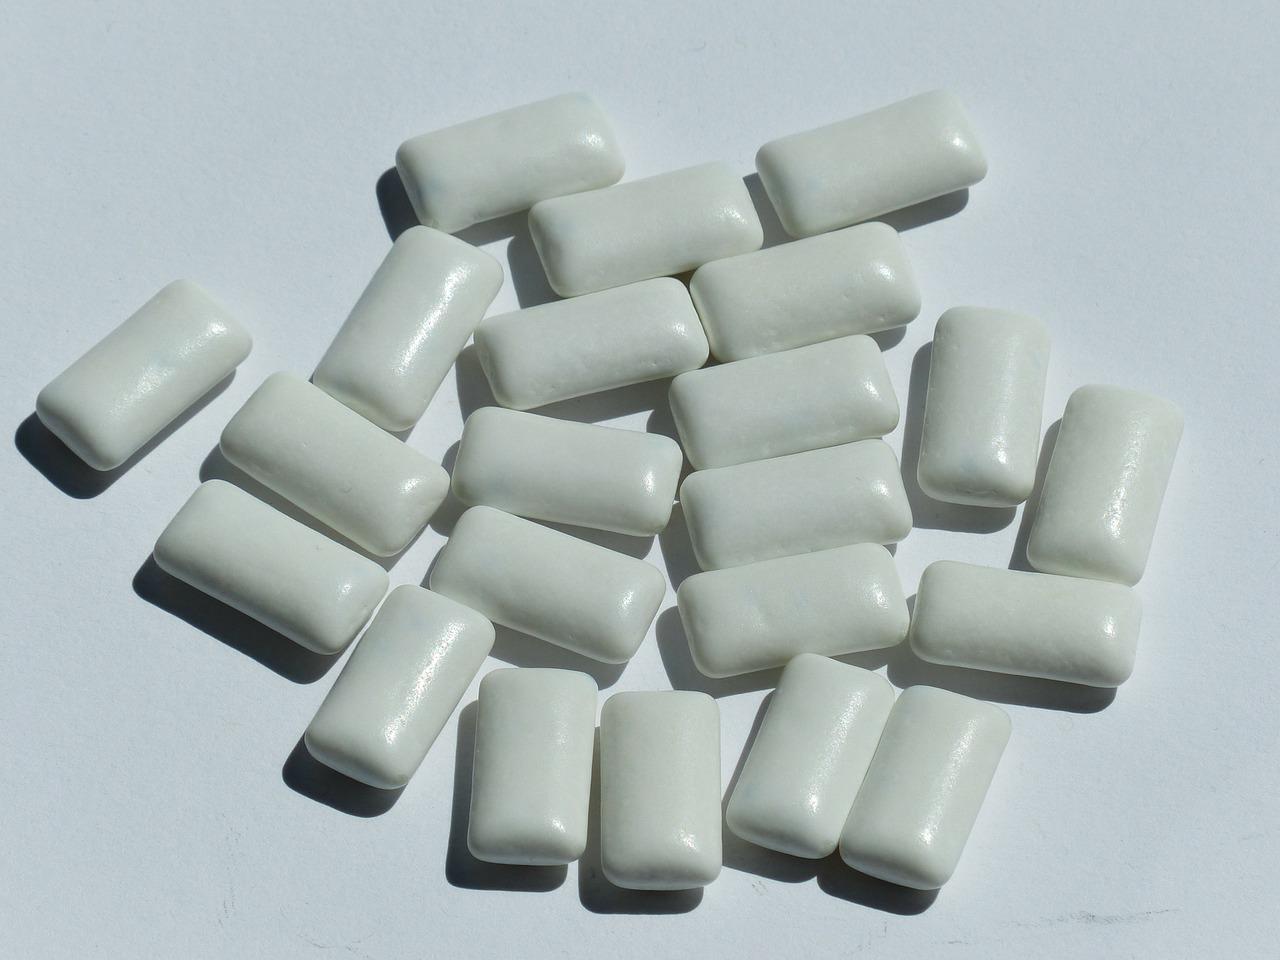 gum - wedding day emergency kit